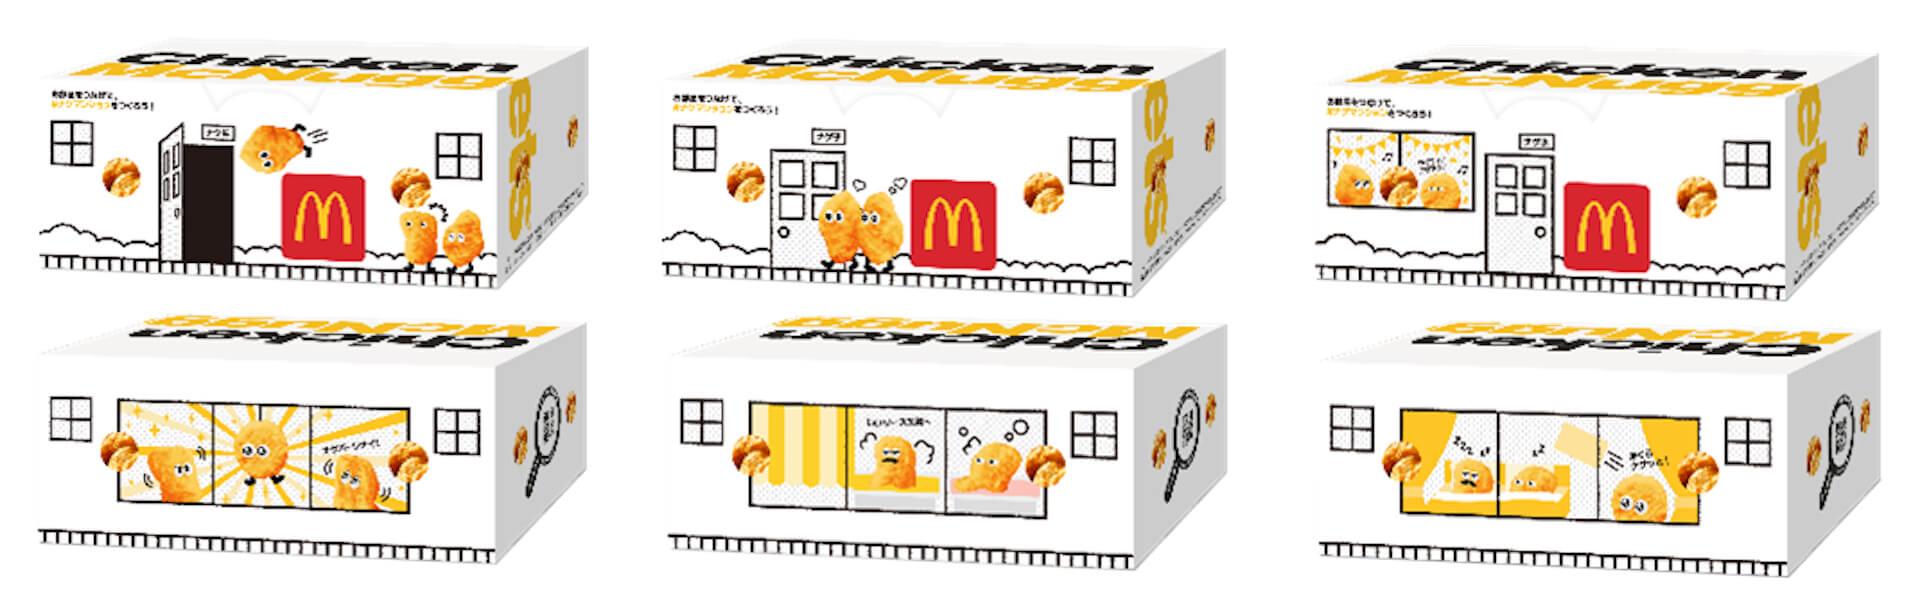 マクドナルドの定番チキンマックナゲットが特別価格390円で堪能できる期間限定キャンペーンが実施決定!新ソース2種類も登場 gourmet200416_mcdonald_4